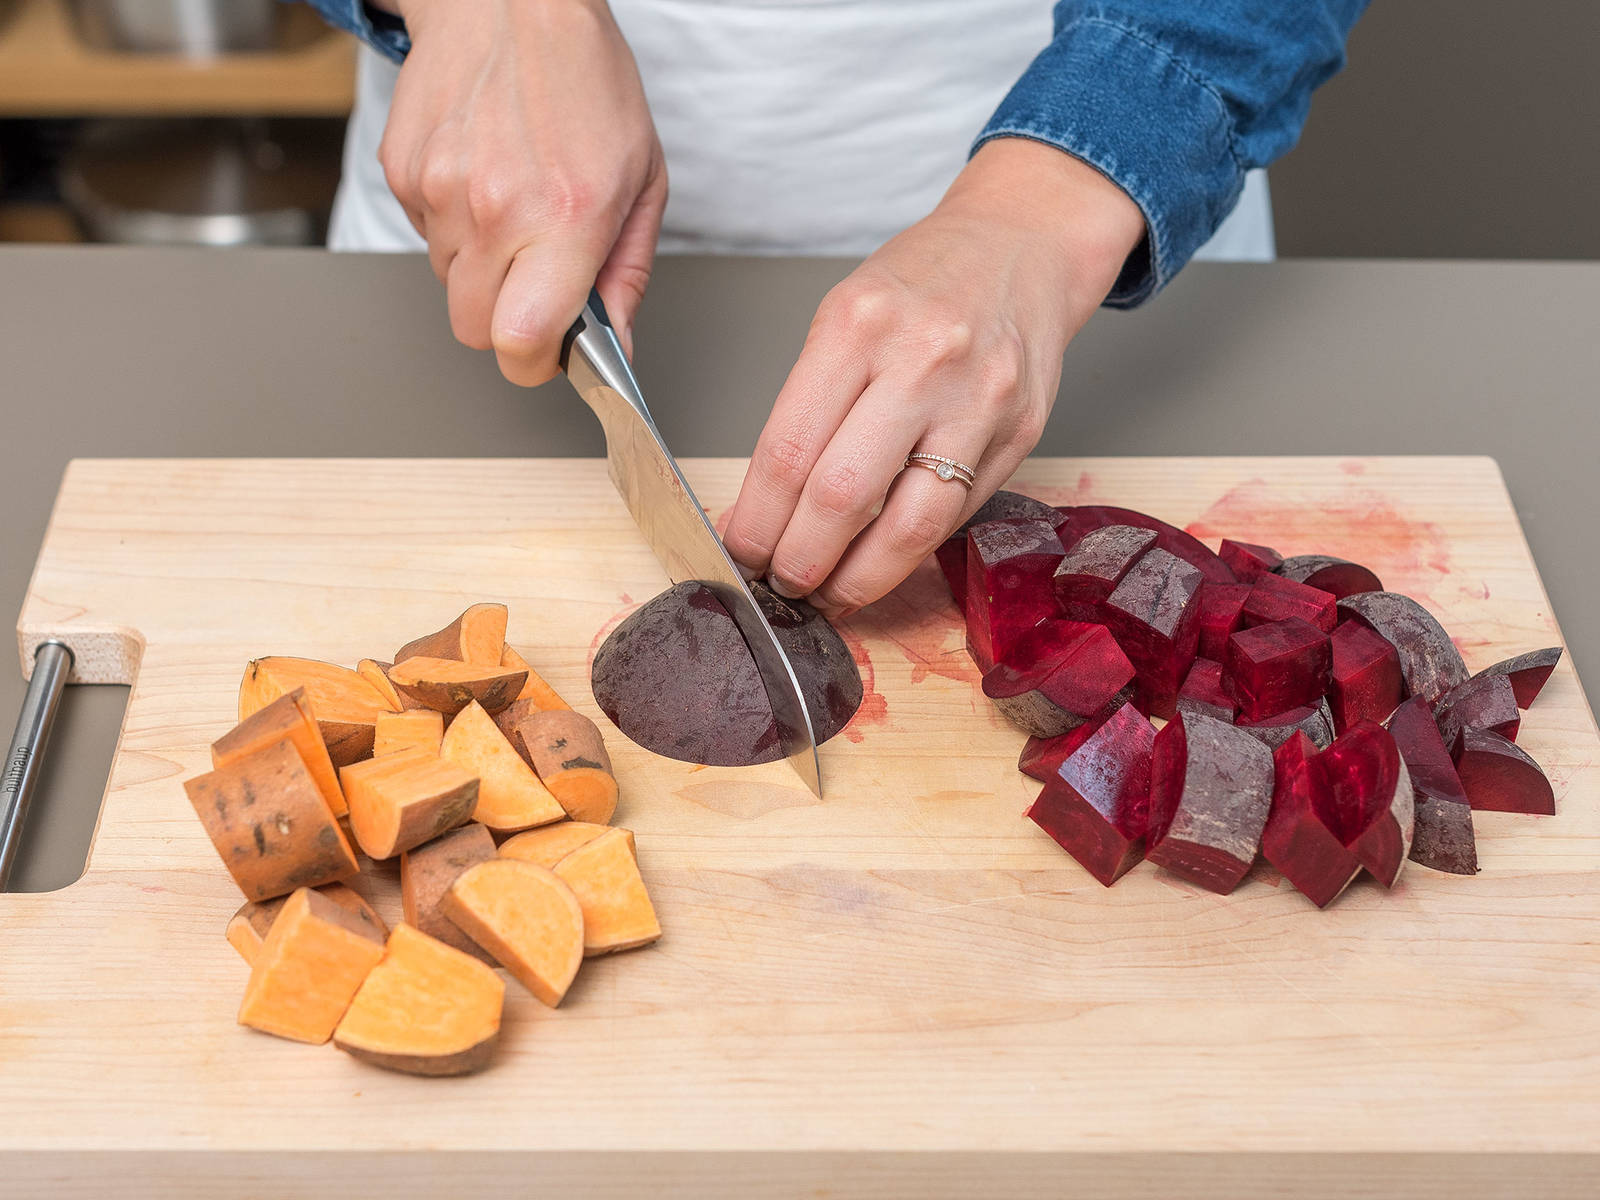 Backofen auf 220°C vorheizen. Süßkartoffeln und Rote Bete waschen und trocken tupfen. Rote Bete und Süßkartoffeln zunächst halbieren und danach in Stückchen schneiden. Einen Teil des Knoblauchs schälen und hacken.